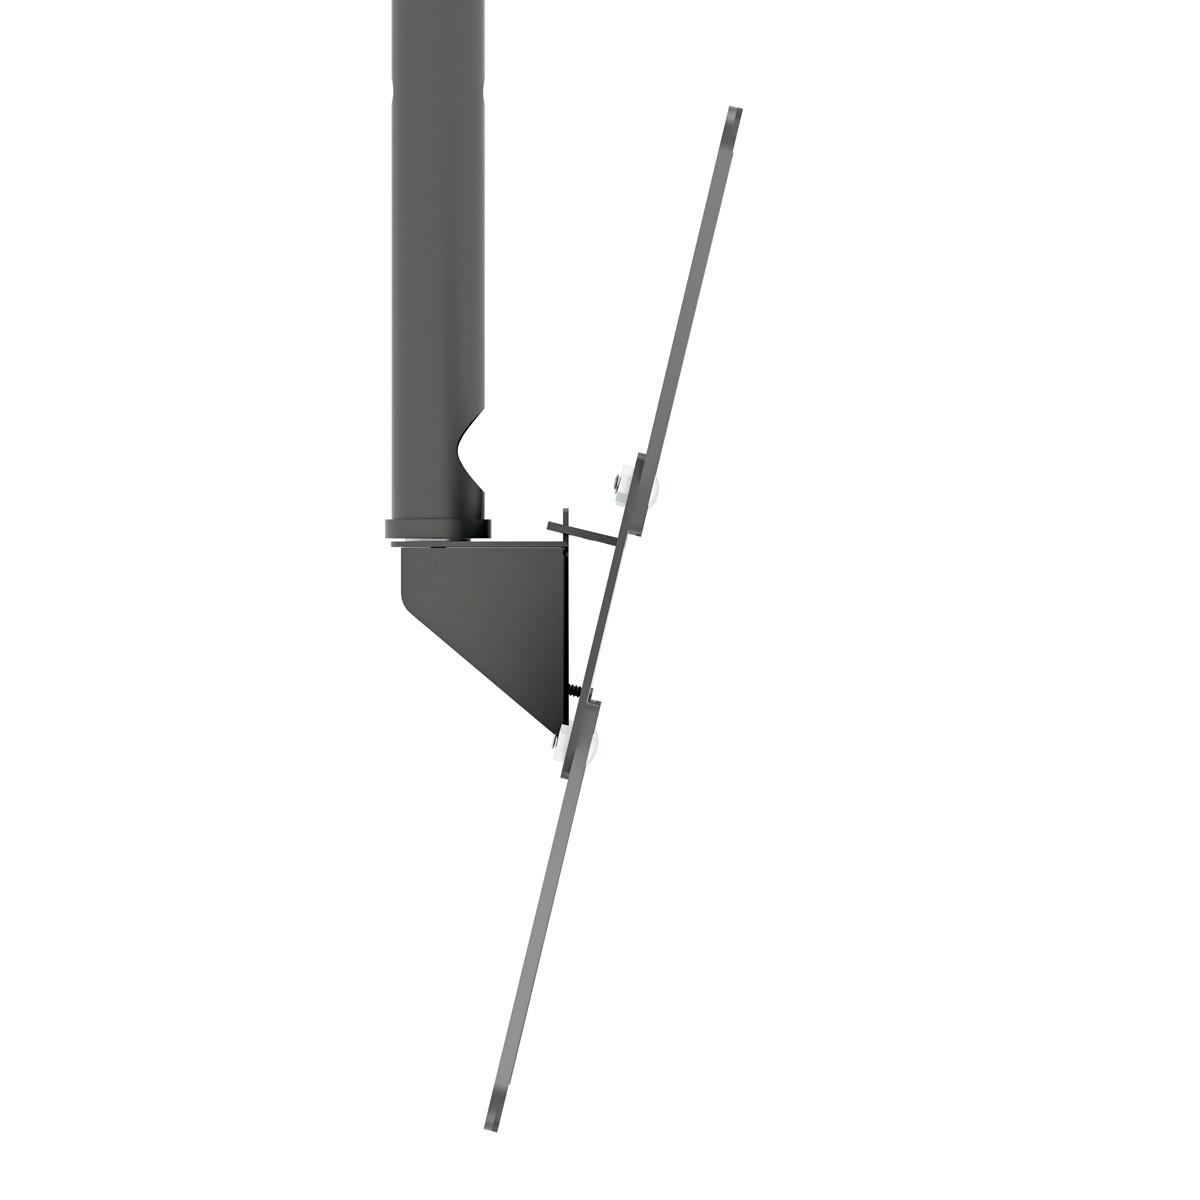 Suporte de teto com inclinação e rotação para TV de 19 à 56 polegadas